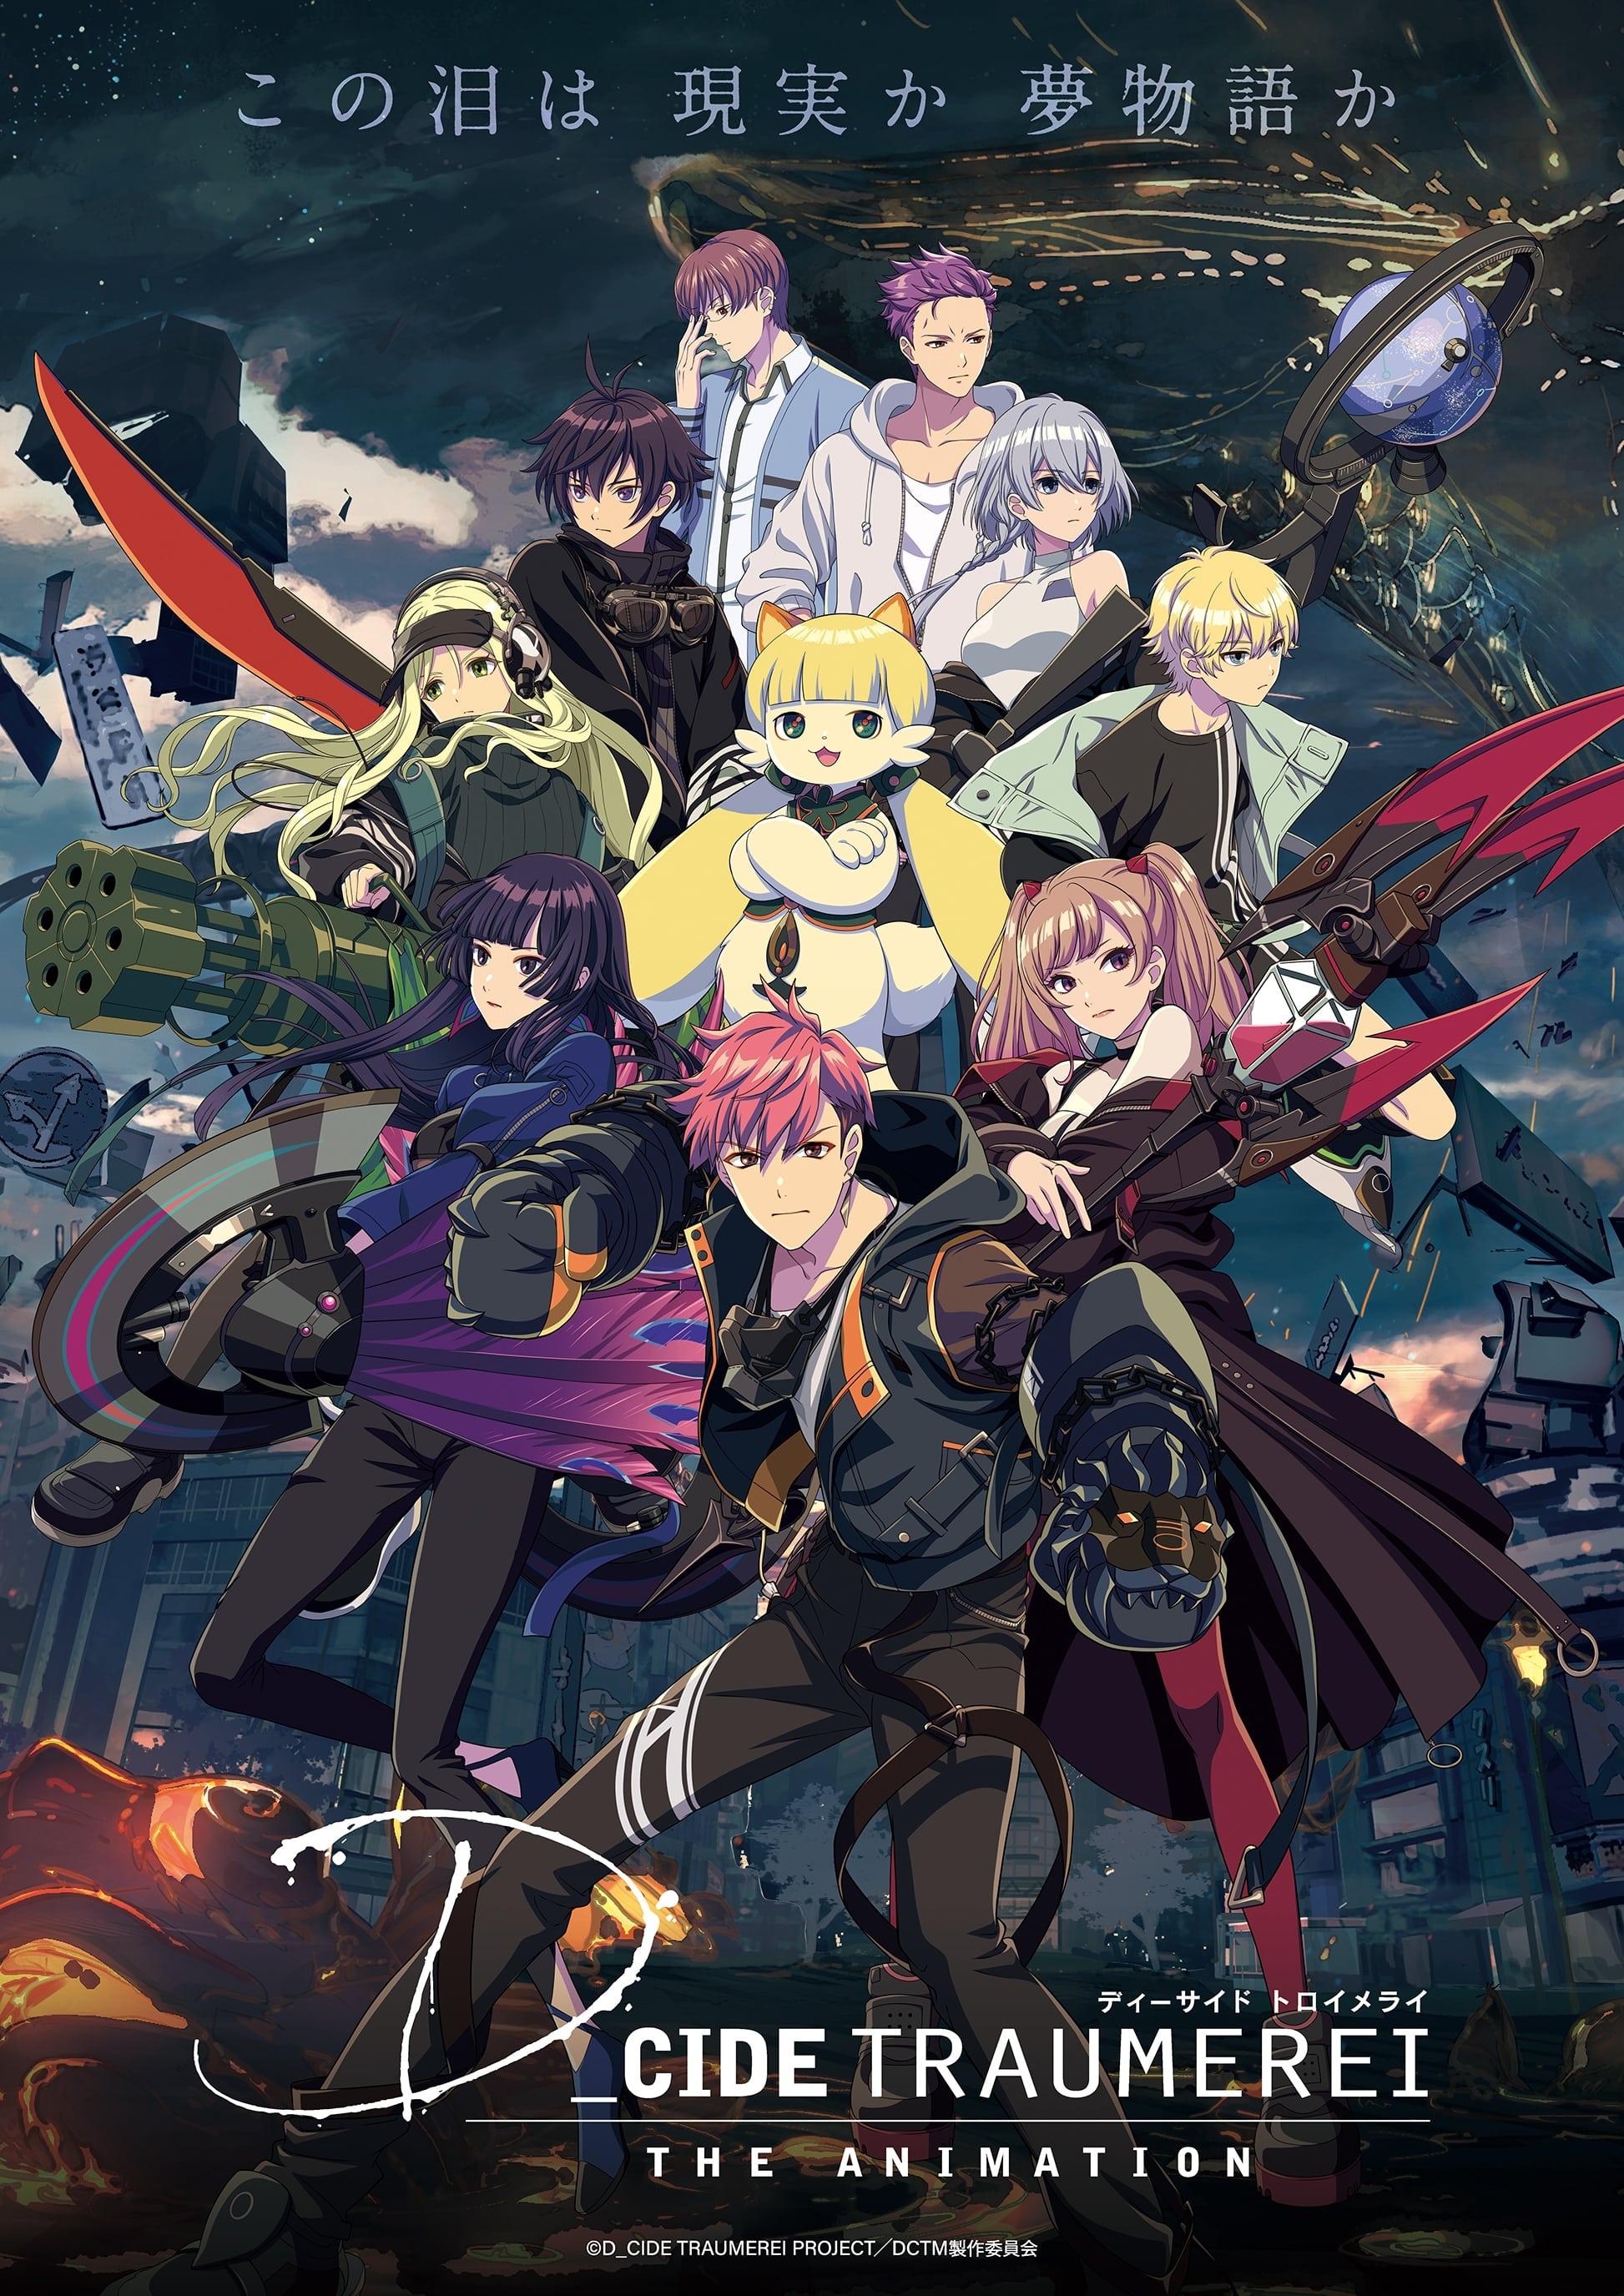 ディーサイドトロイメライ TV Shows About Anime